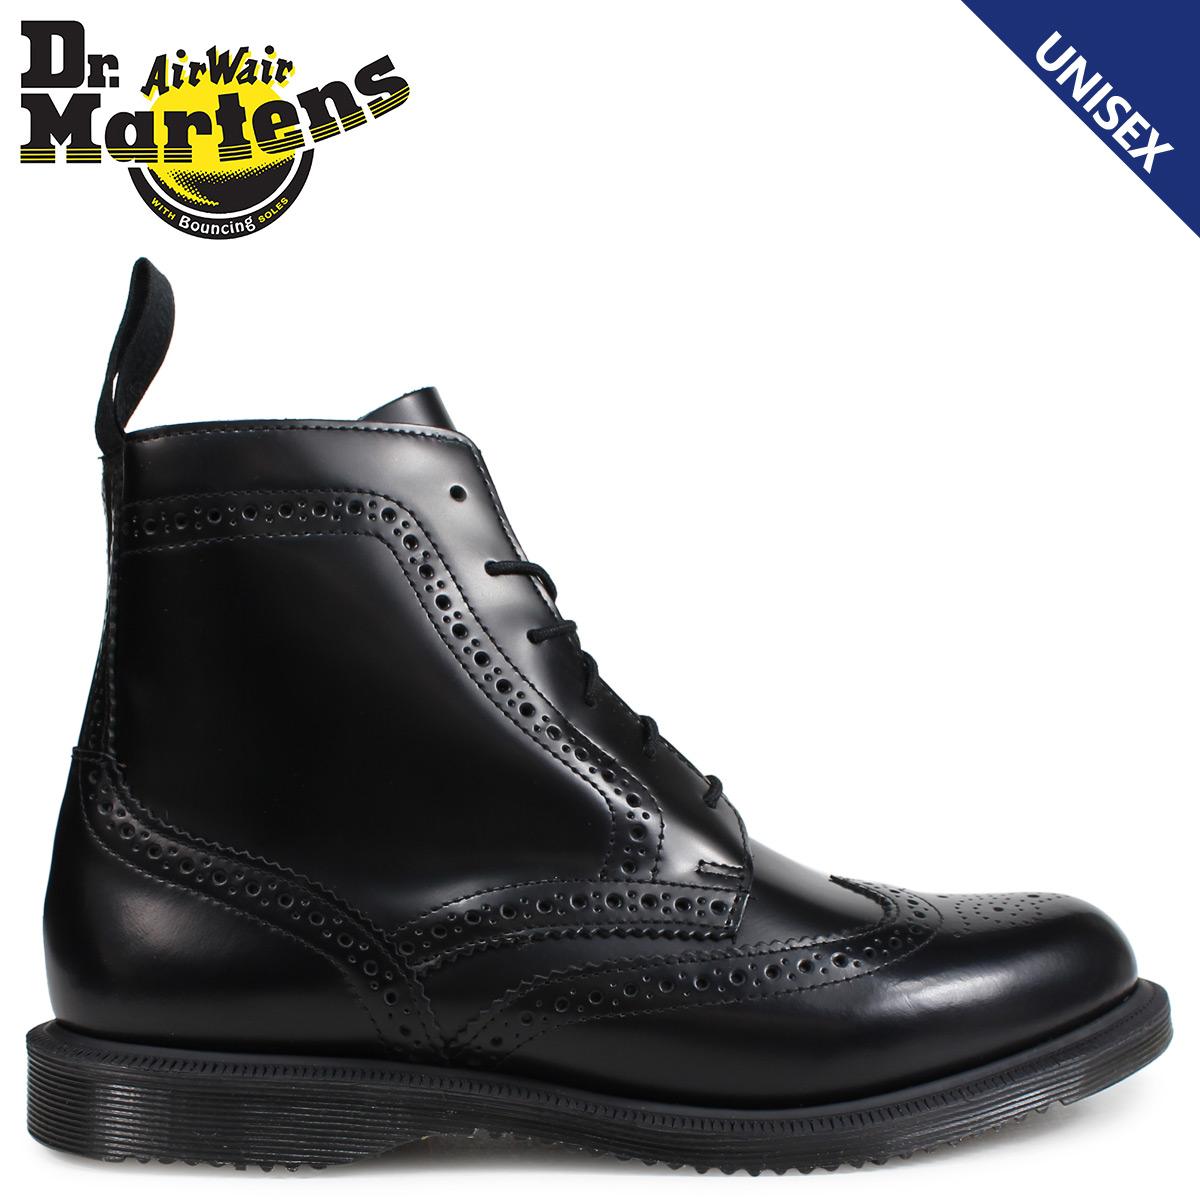 Dr.Martens 6ホール ブーツ レディース メンズ ドクターマーチン DELPHINE BROGUE BOOT ブラック R22650001